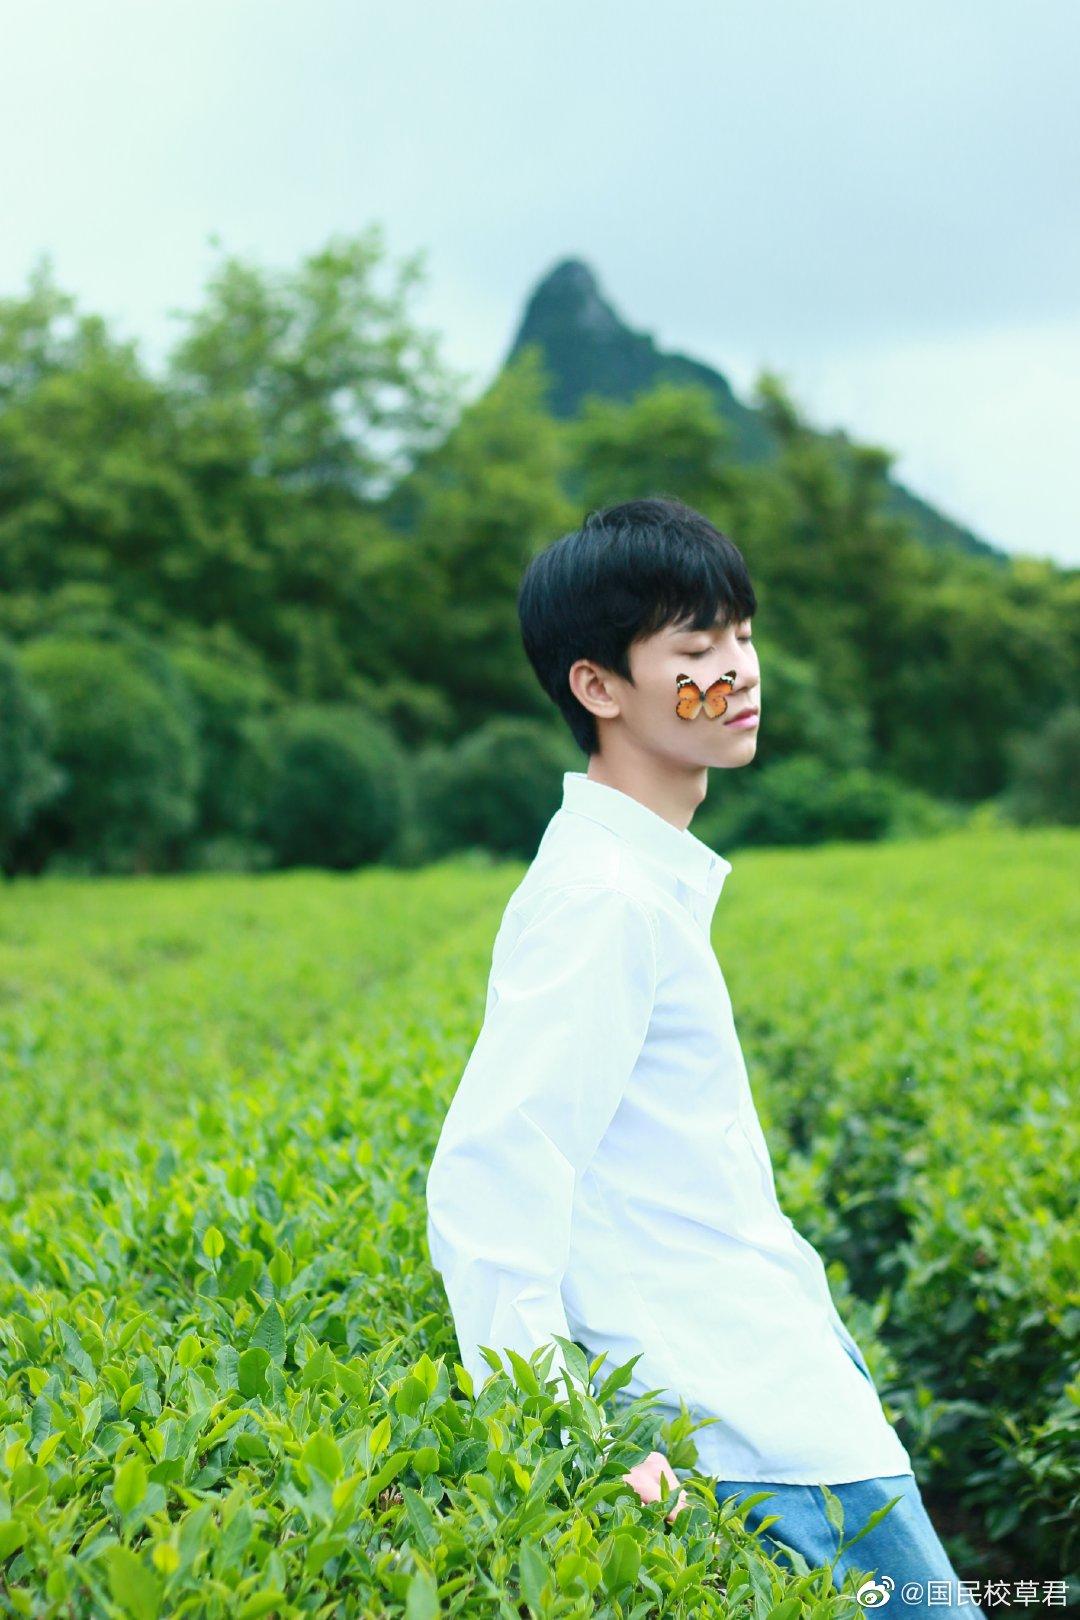 广西桂林市 高一学生 金牛座 身高178